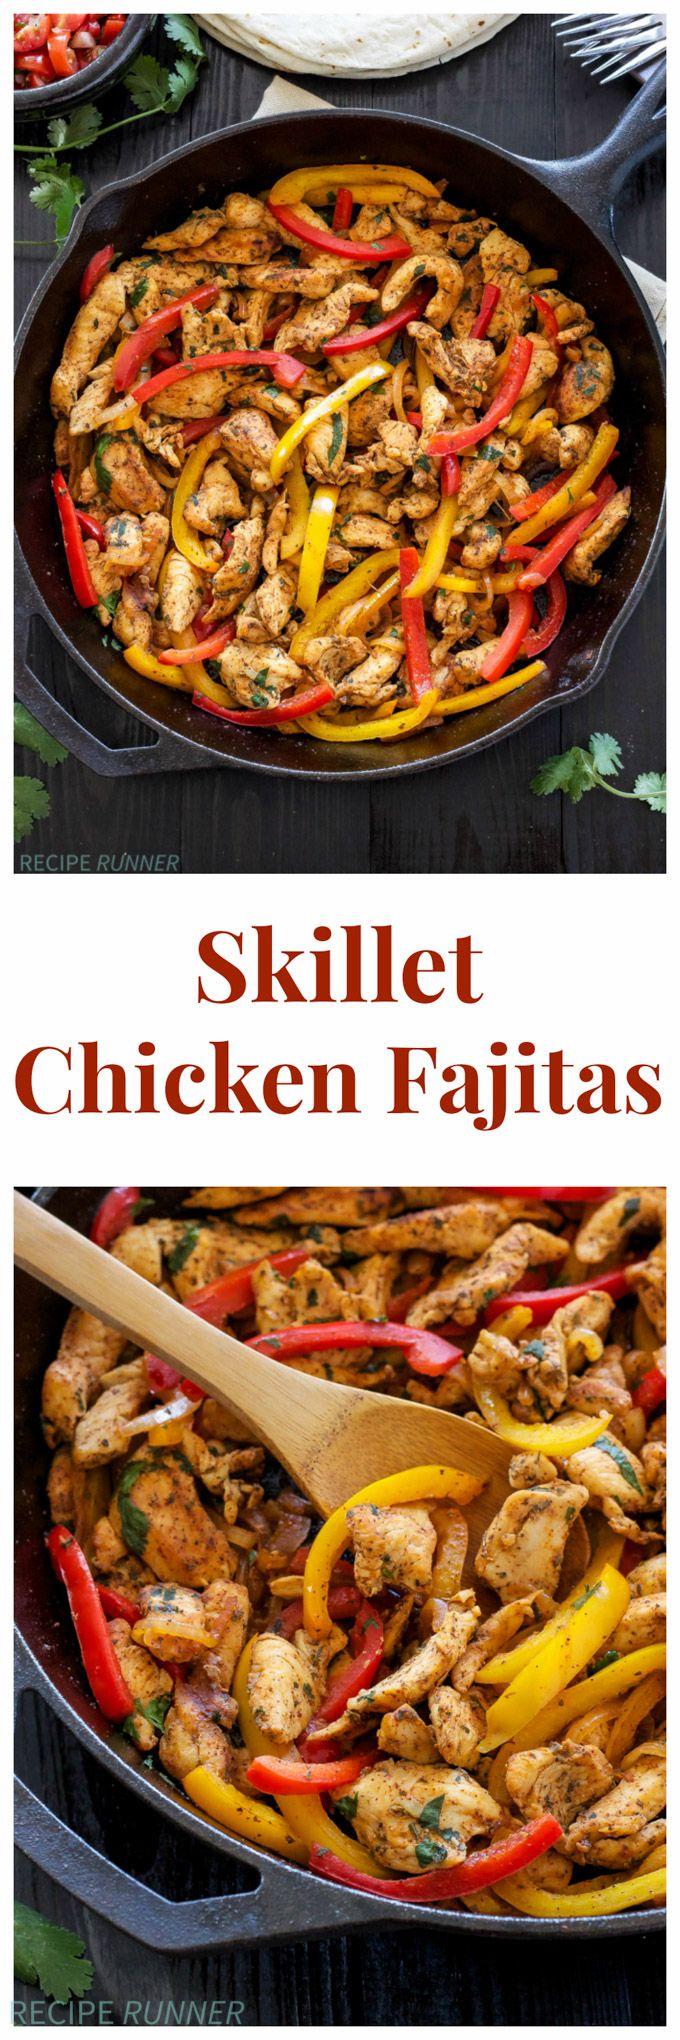 Skillet Chicken Fajitas | Quick, easy, gluten free, & paleo skillet chicken fajitas are perfect for busy nights! #zayconfresh: